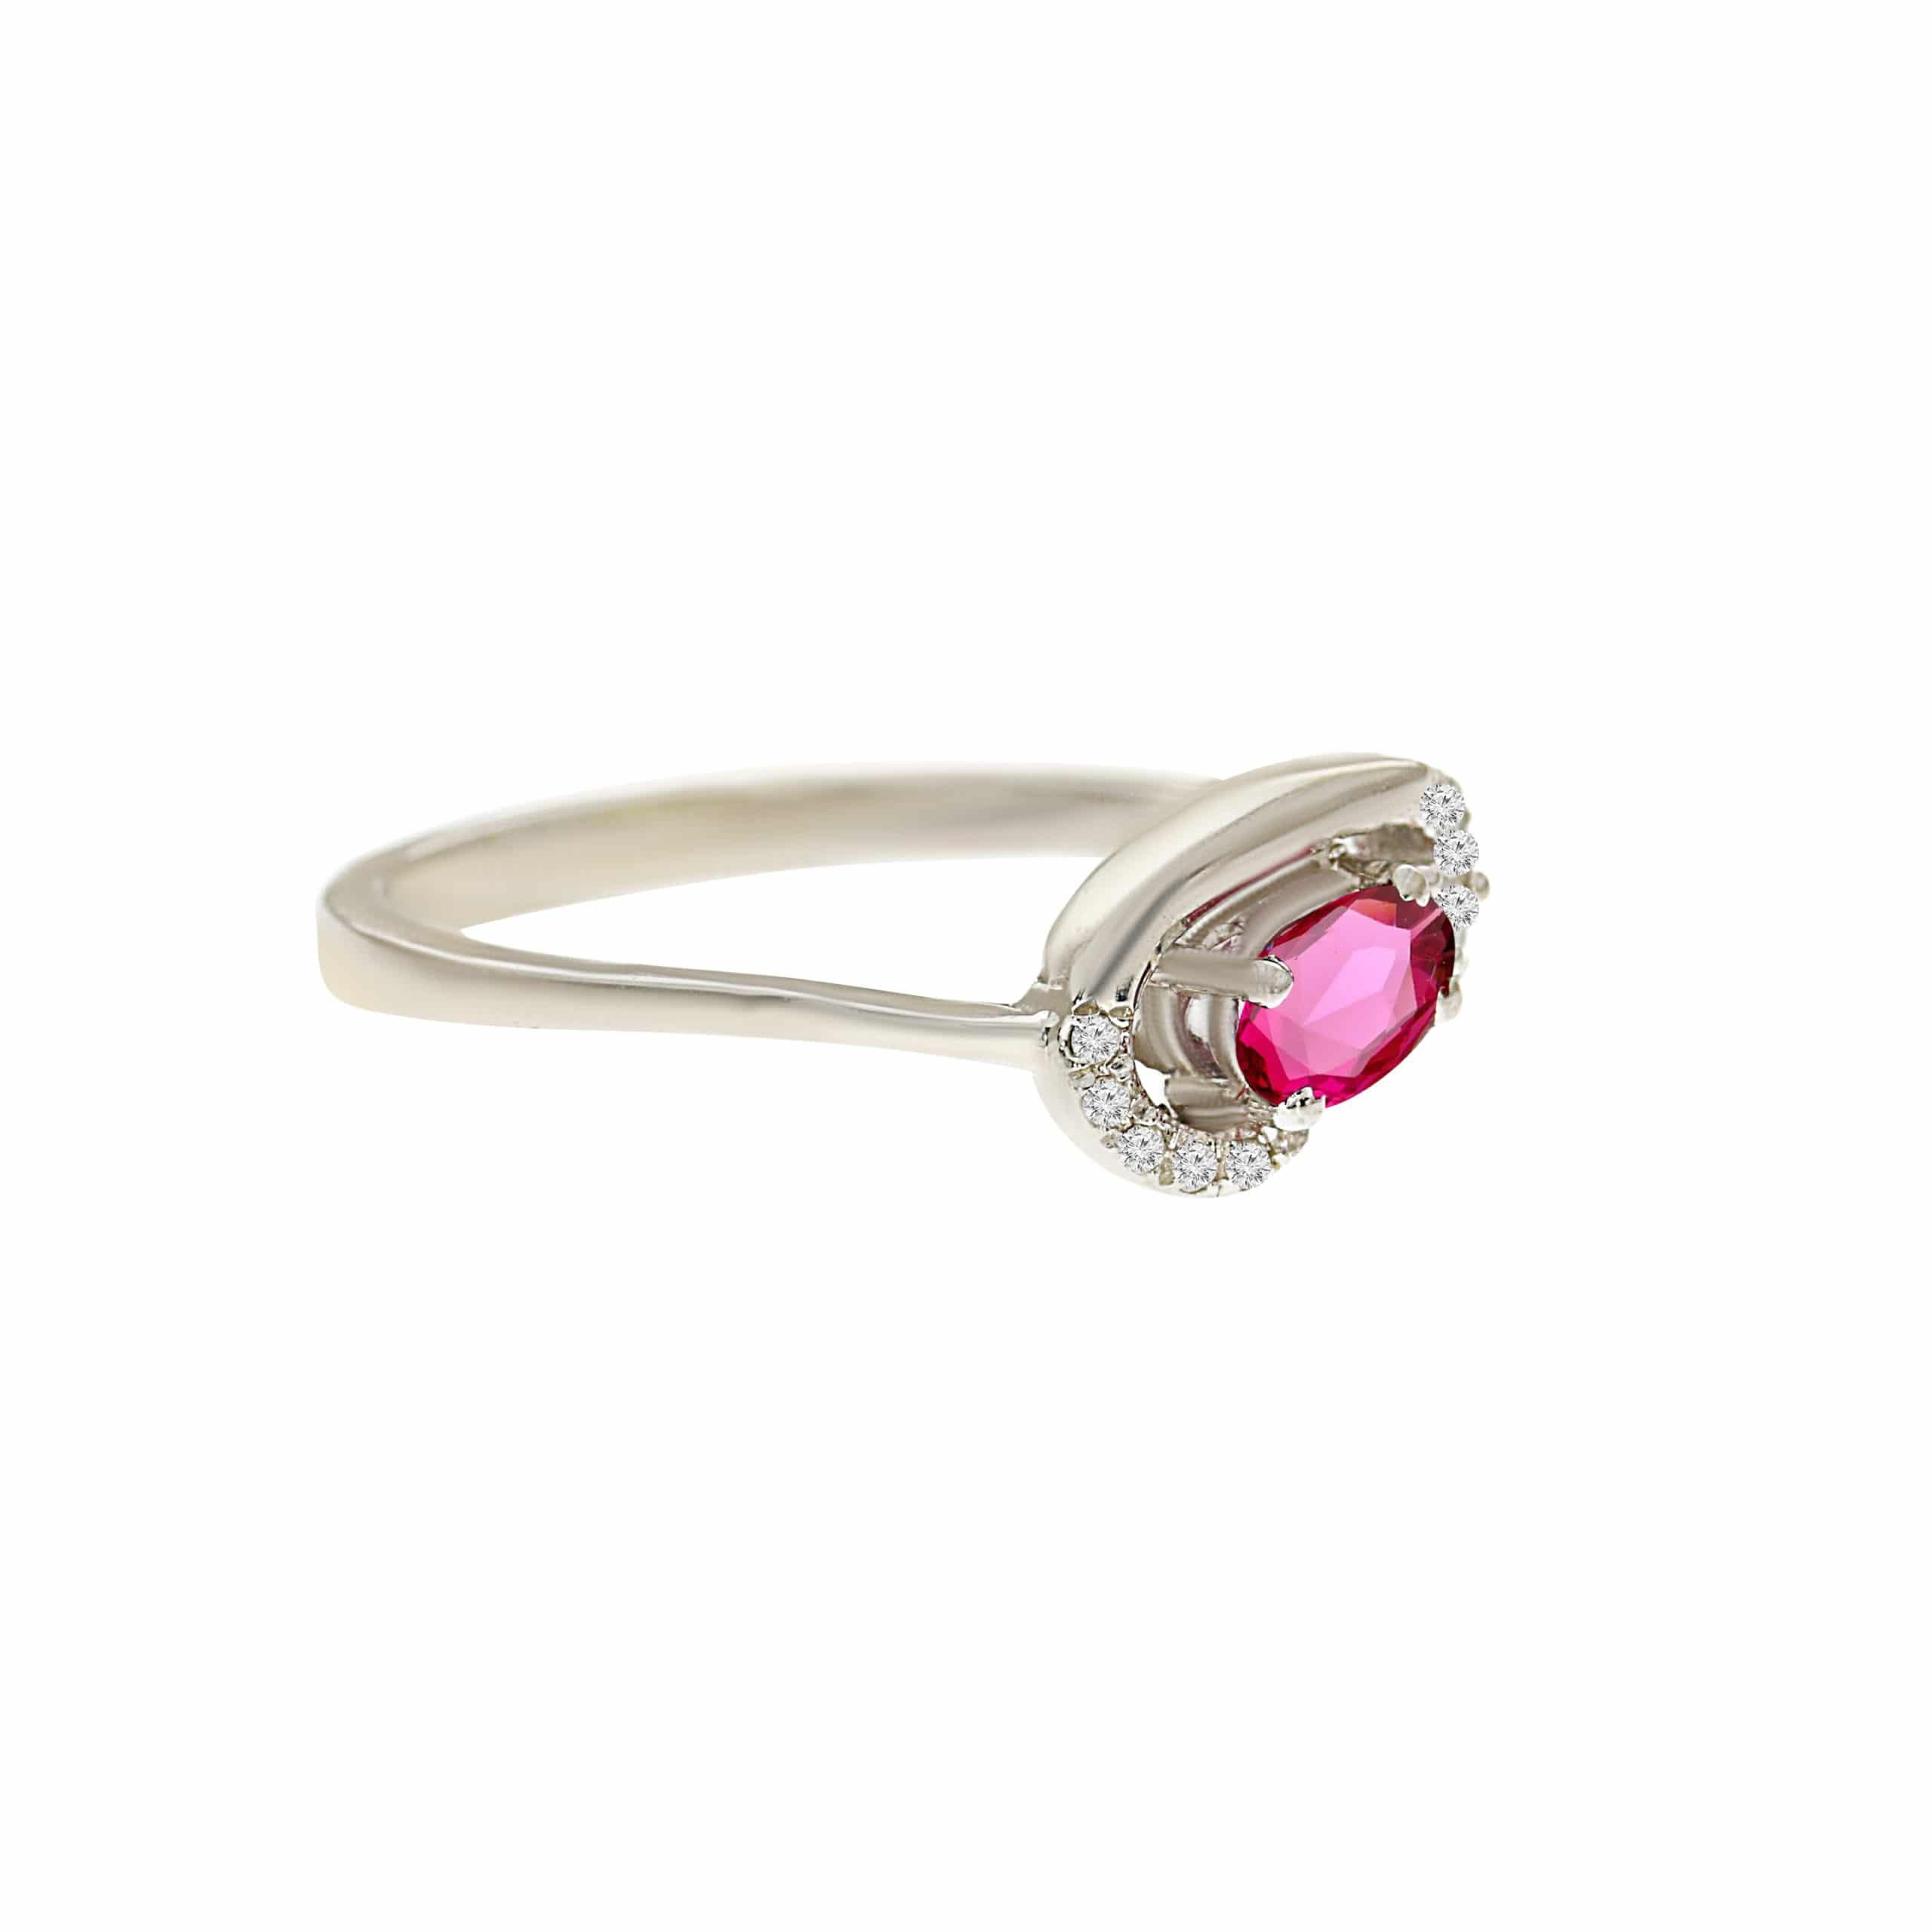 טבעת אבן רובי 0.25 קראט, זהב -לבן 14 קראט, בשיבוץ יהלומים